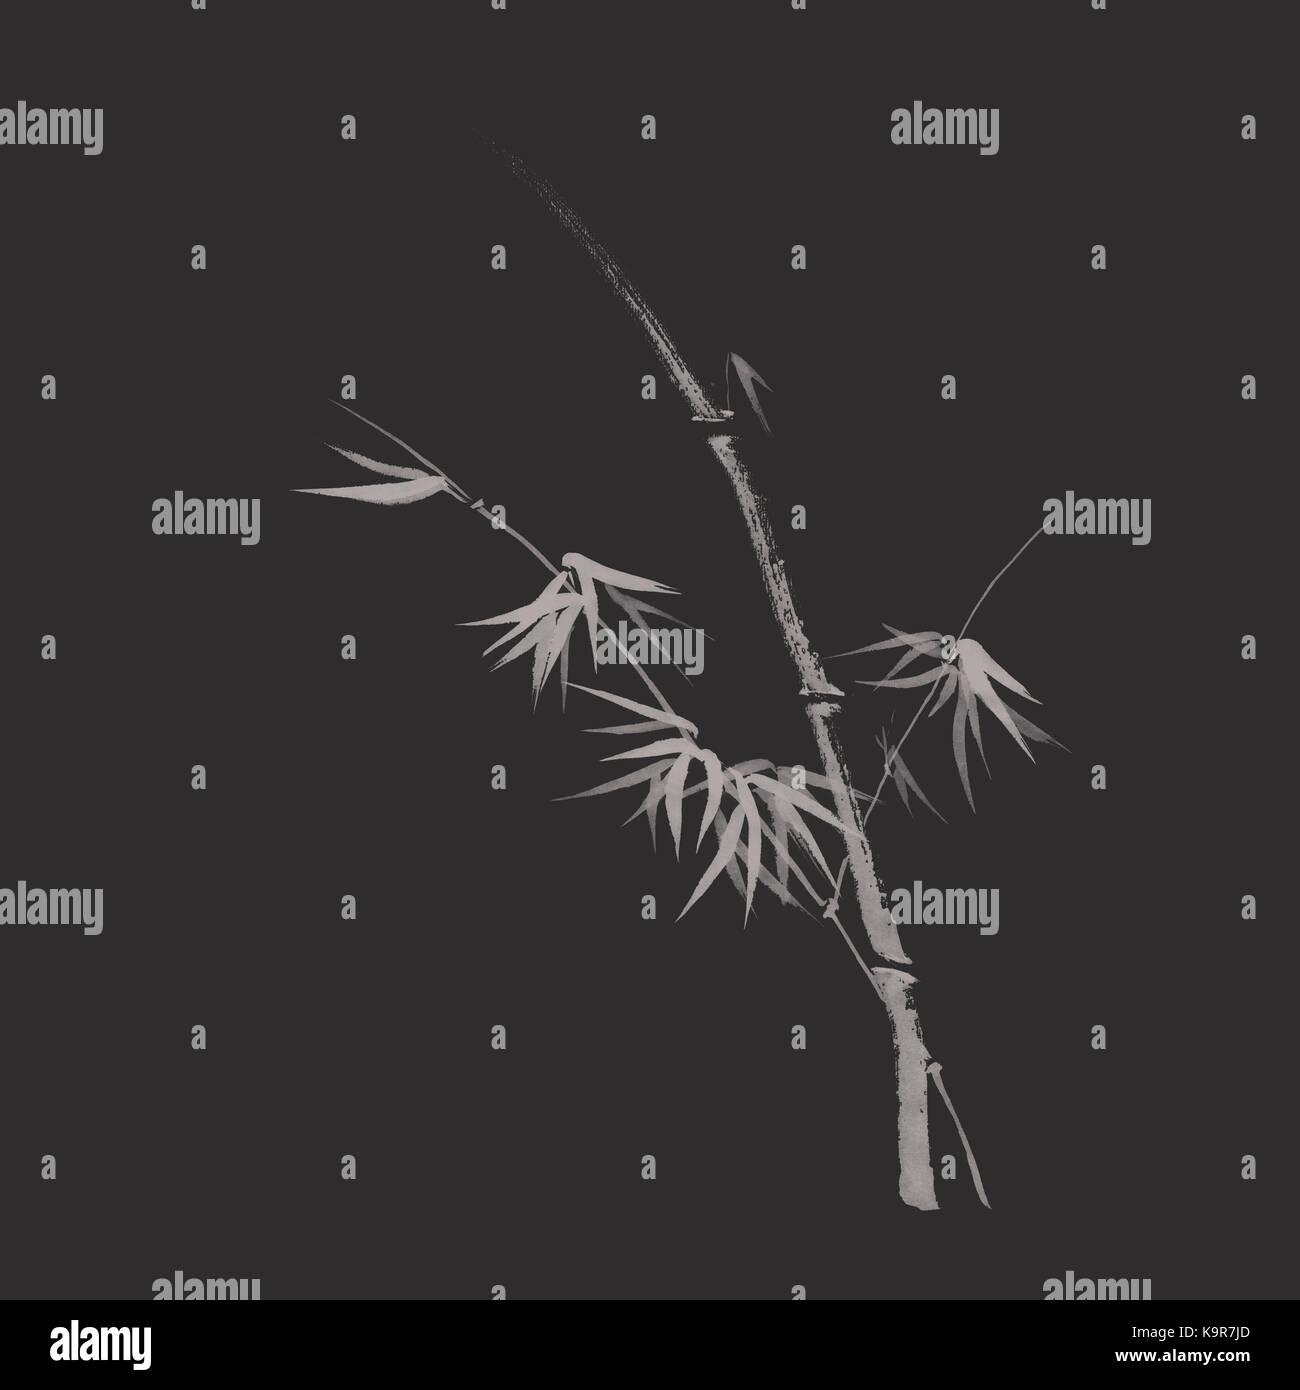 Elegante Japanische Zen Kunst Design In Modernen Farben Eines Bambus Stiel  Mit Blättern, Künstlerische Abbildung Auf Dunkelgrau, Fast Schwarz  Hintergrund